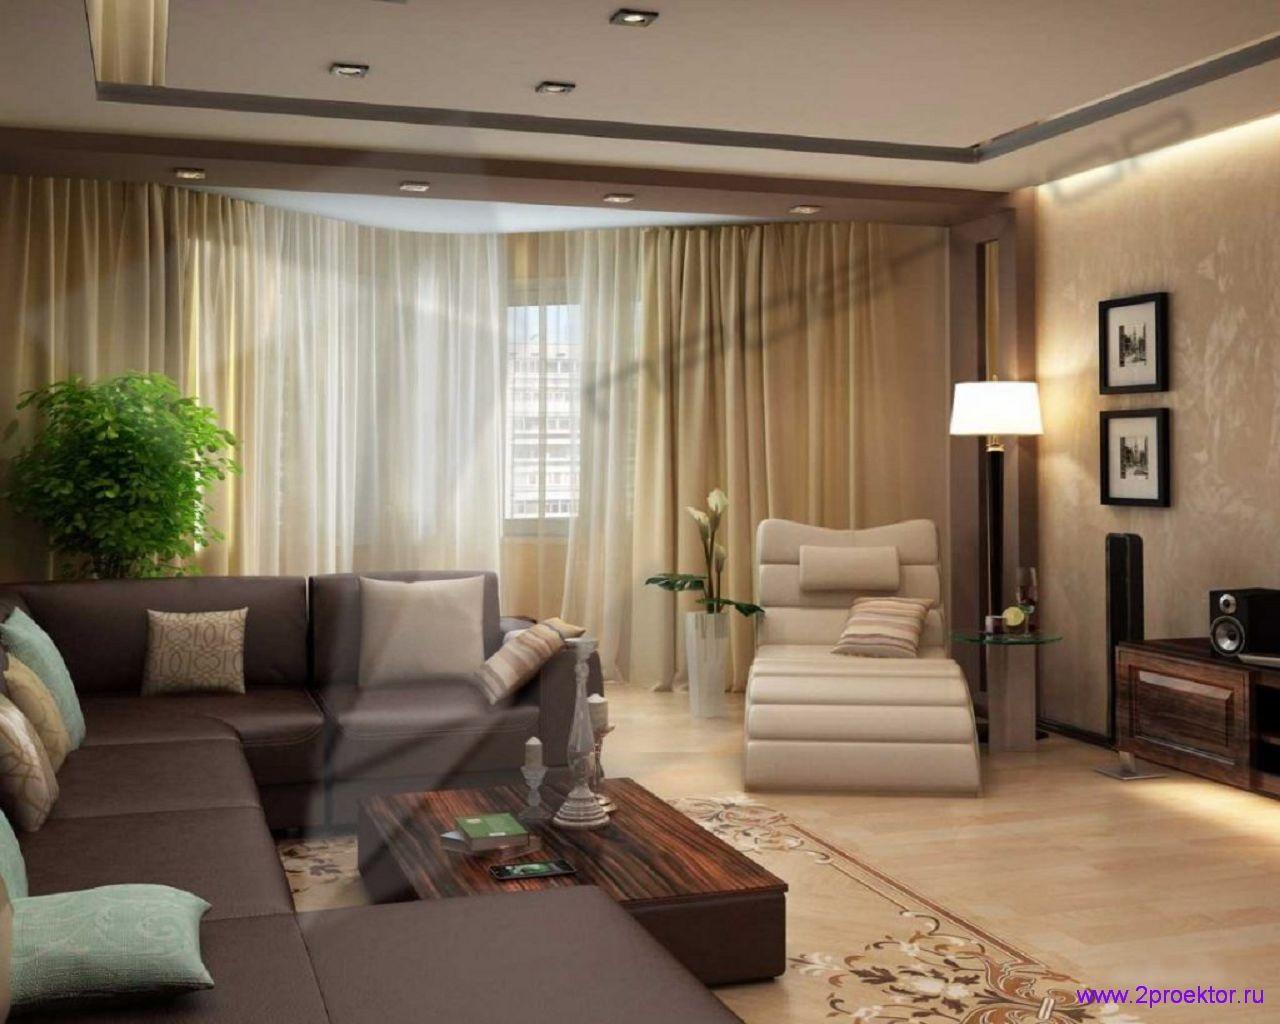 Дизайн гостиной в светлых и спокойных тонах в Жилом комплексе Измайловский лес.